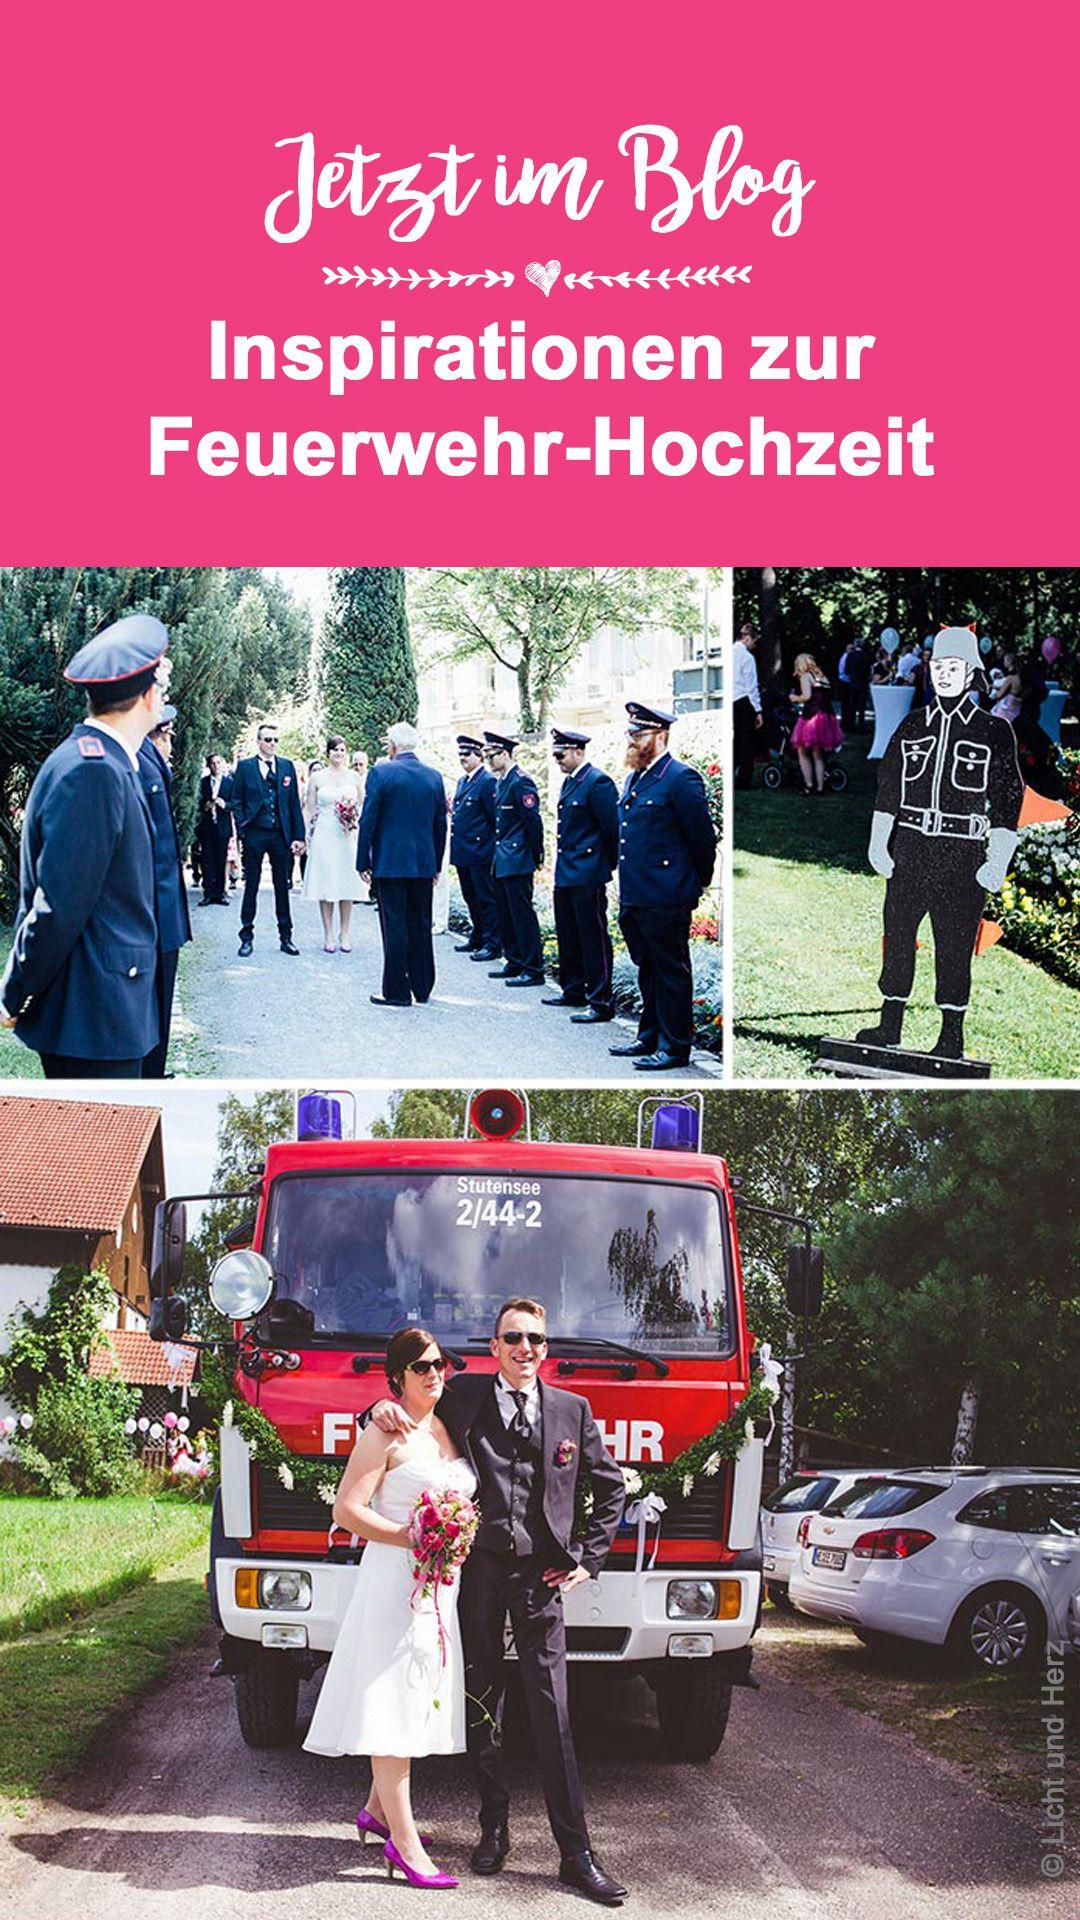 Die Schonsten Ideen Fur Die Feuerwehr Hochzeit Feuerwehrmann Hochzeit Feuerwehrhochzeit Hochzeit